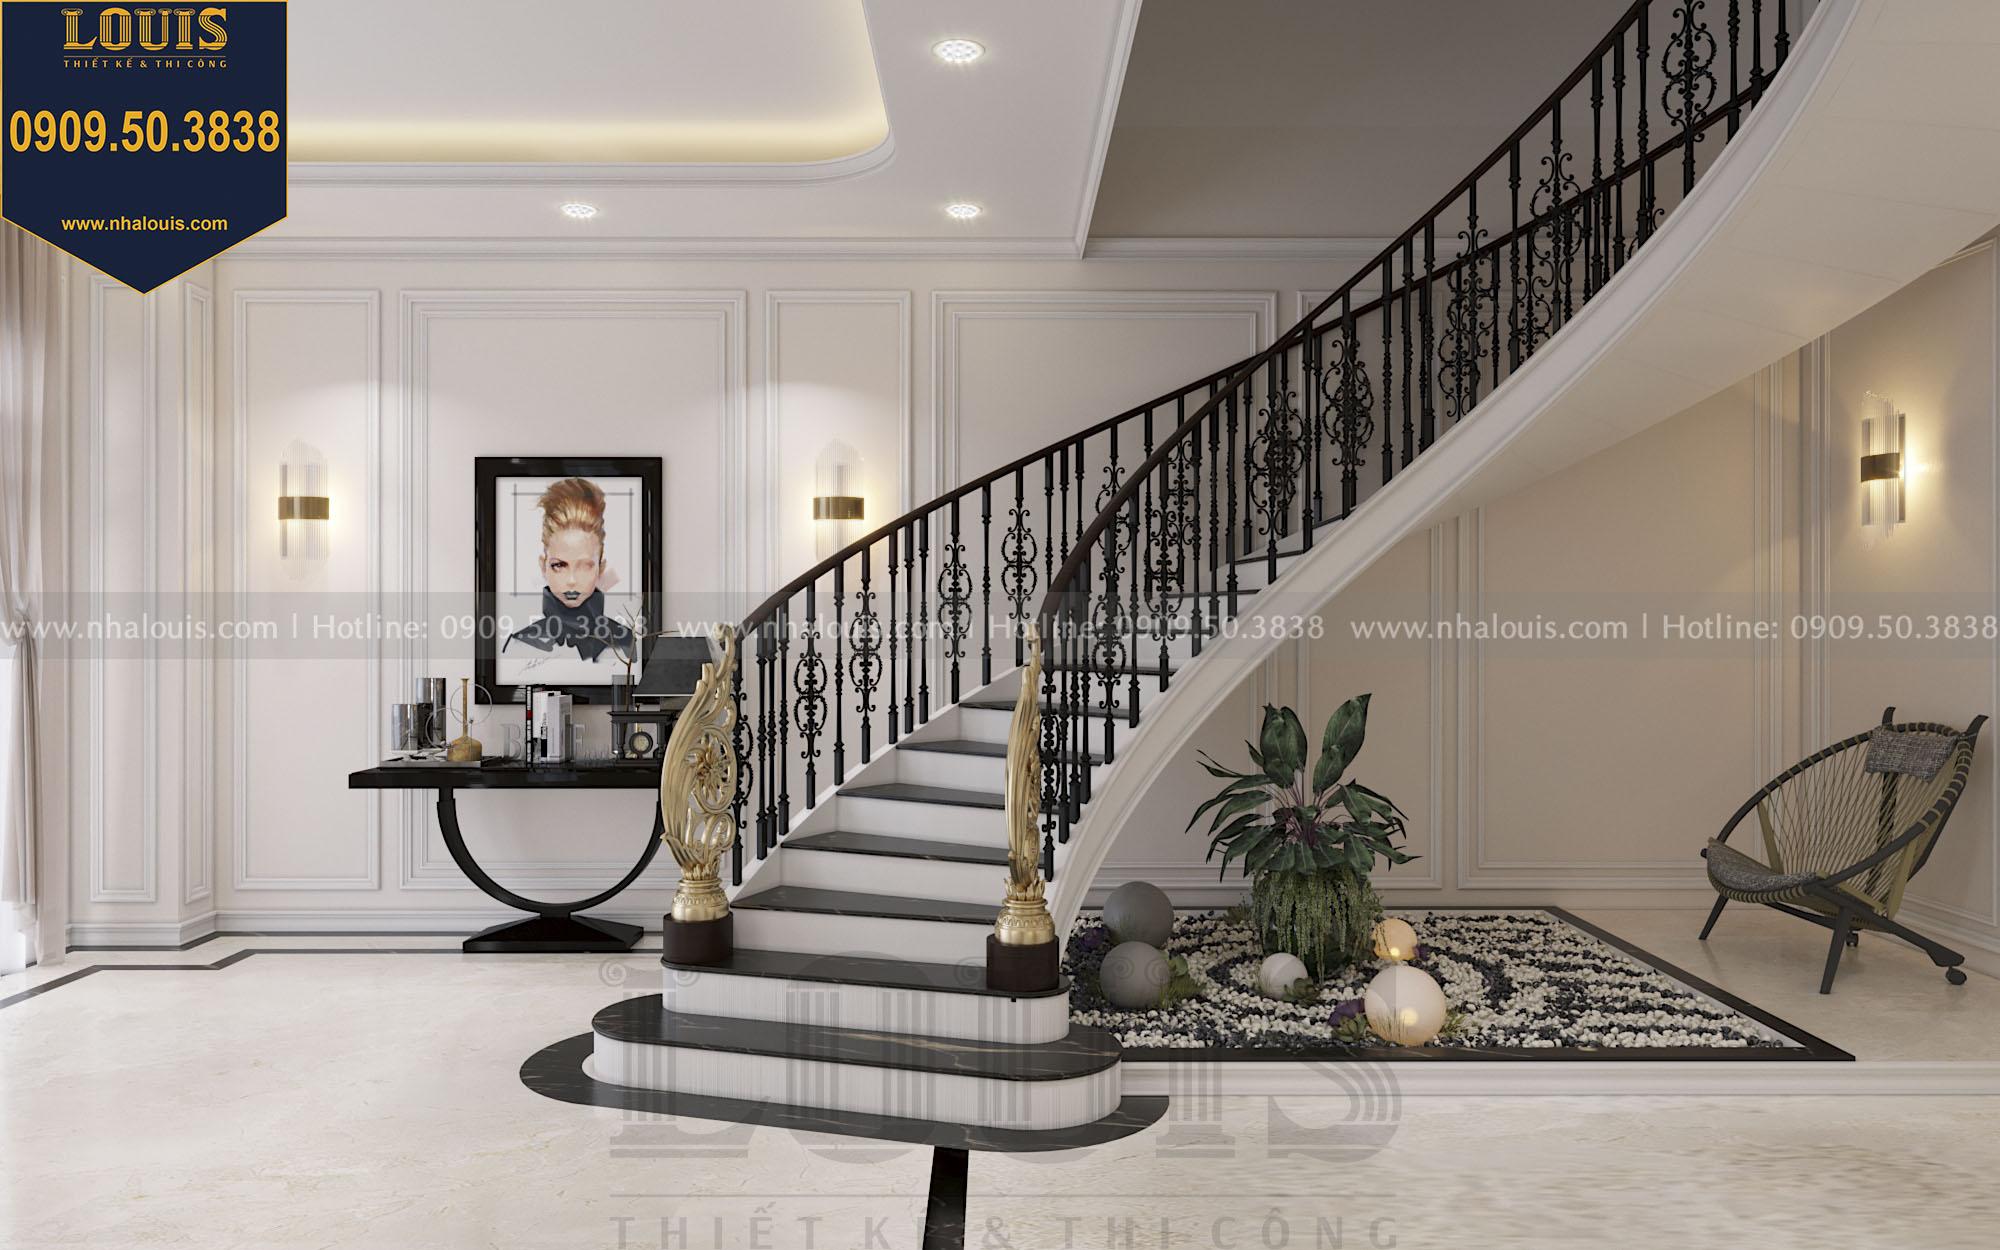 Thiết kế cầu thang nhà phố phong cách tân cổ điển